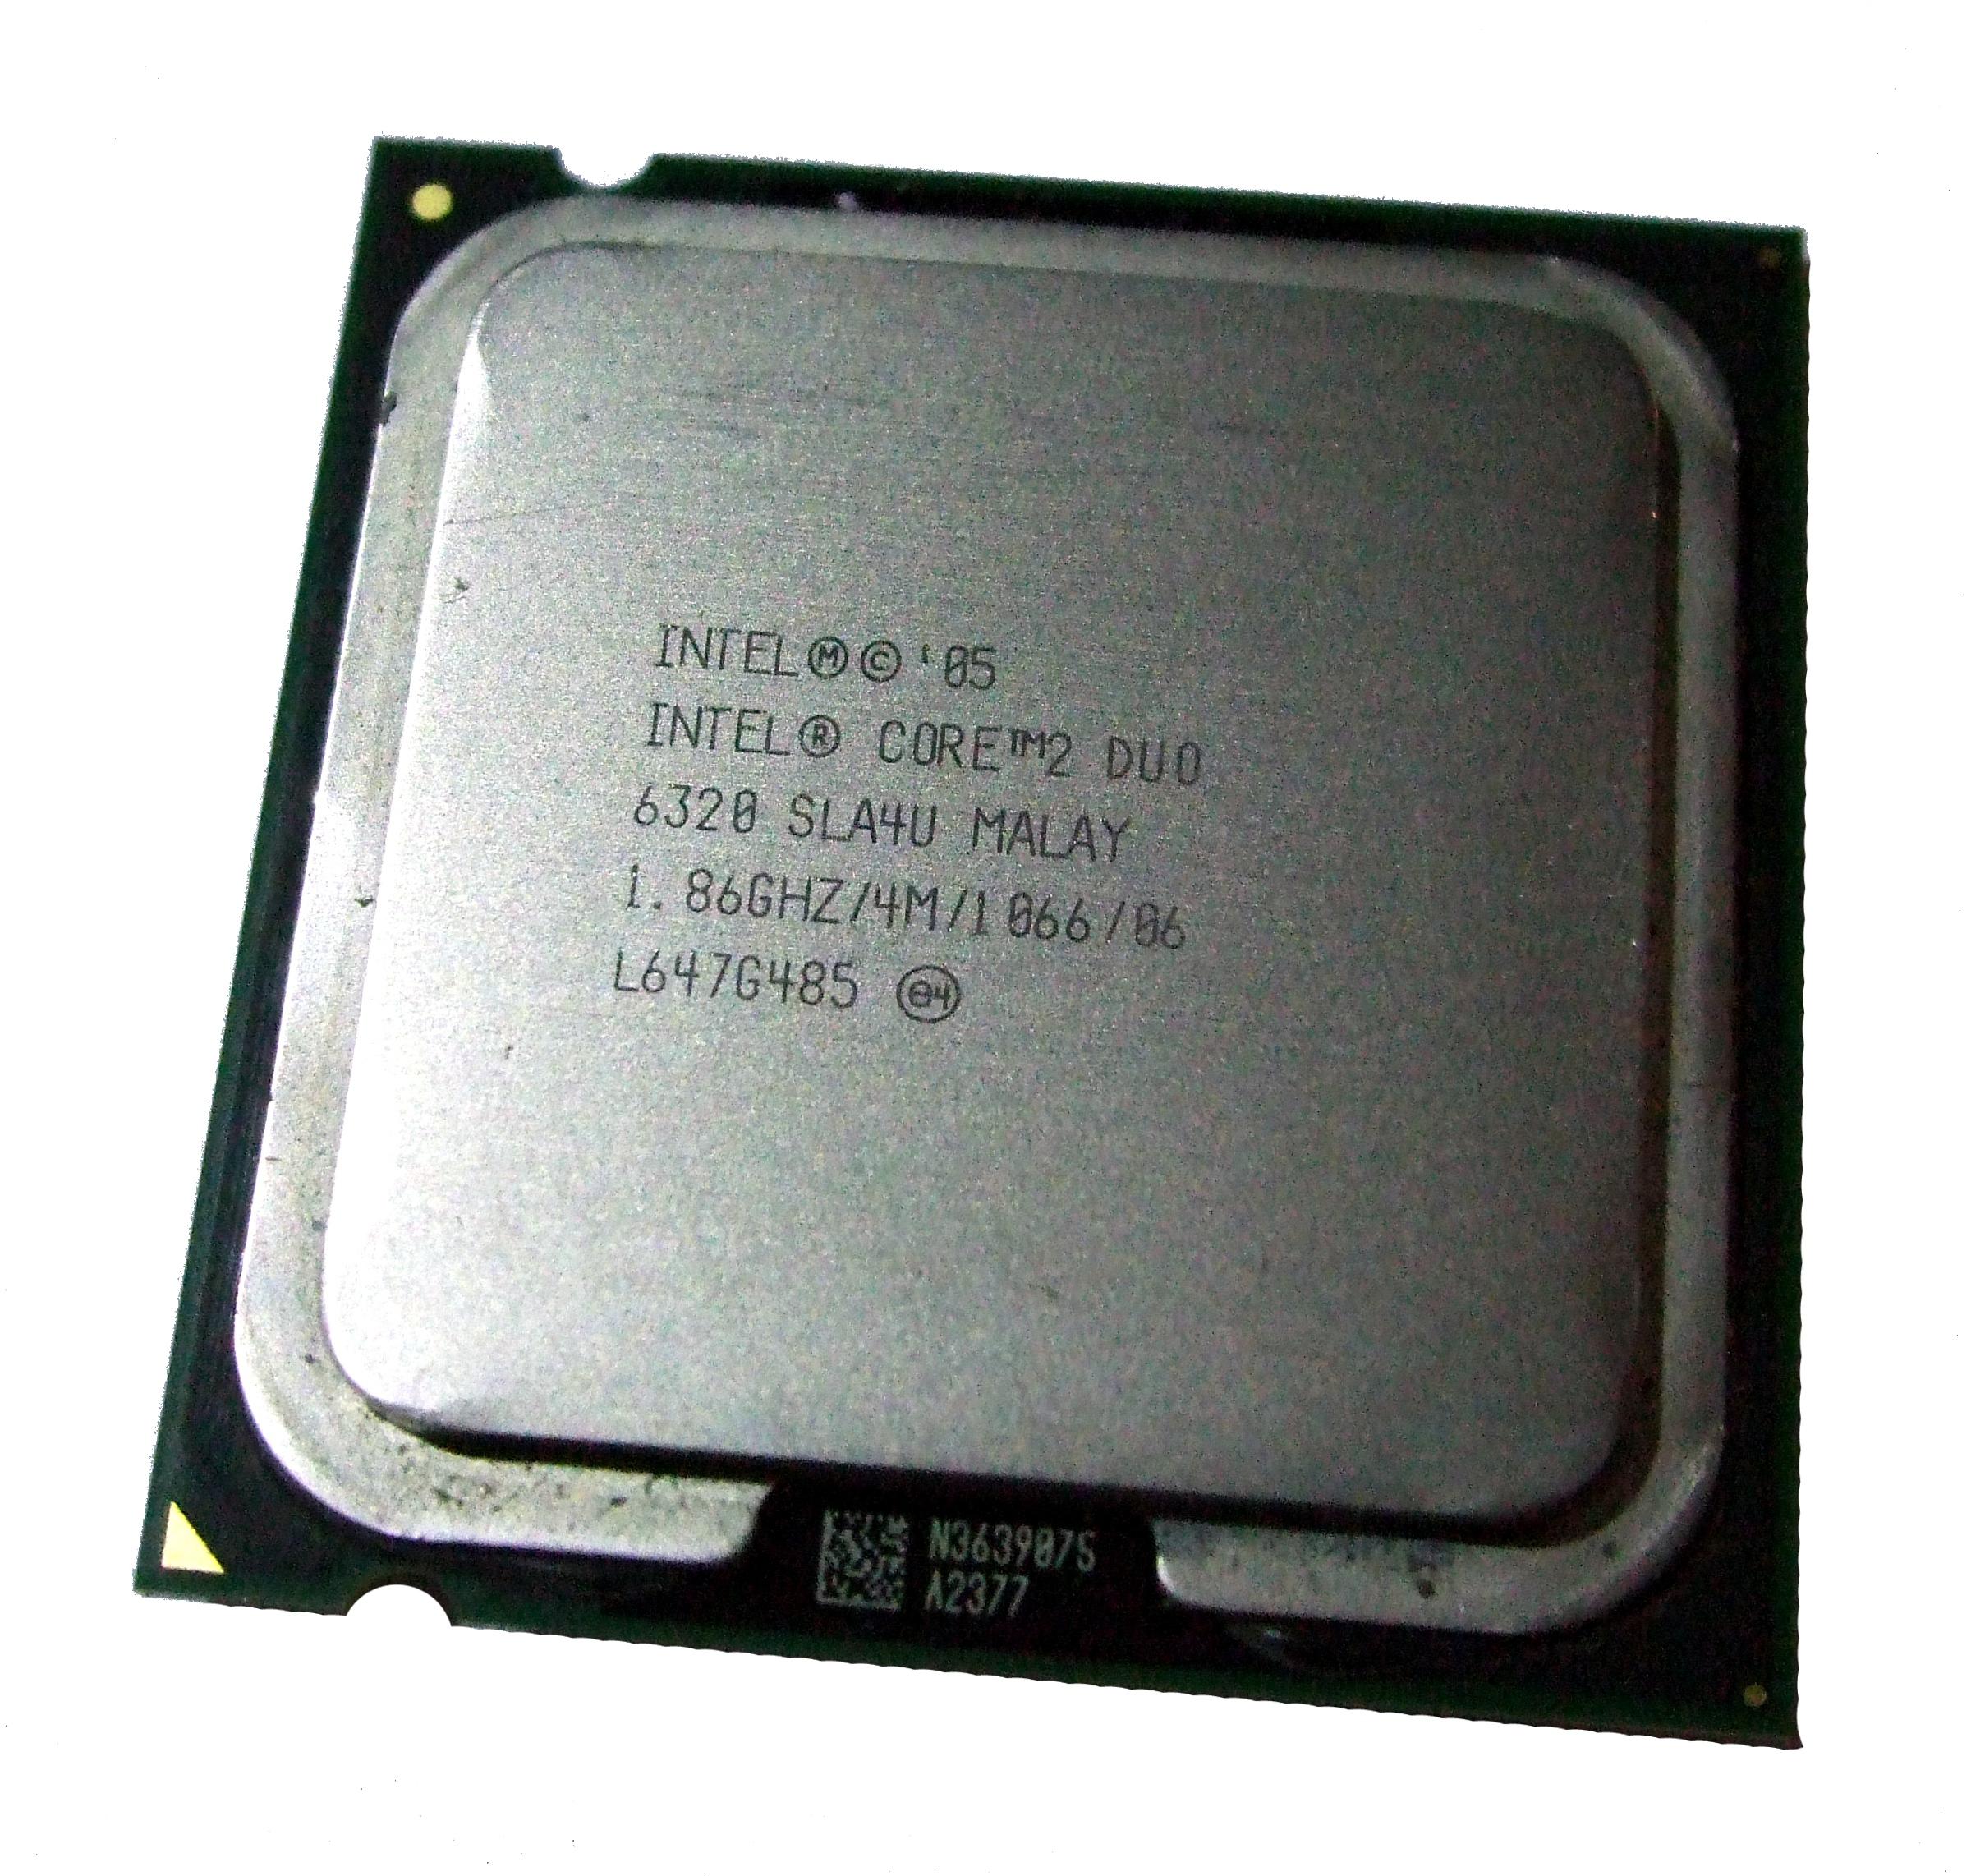 Intel SLA4U Core 2 Duo E6320 1.86GHz Socket T LGA775 Processor  4M/1066FSB